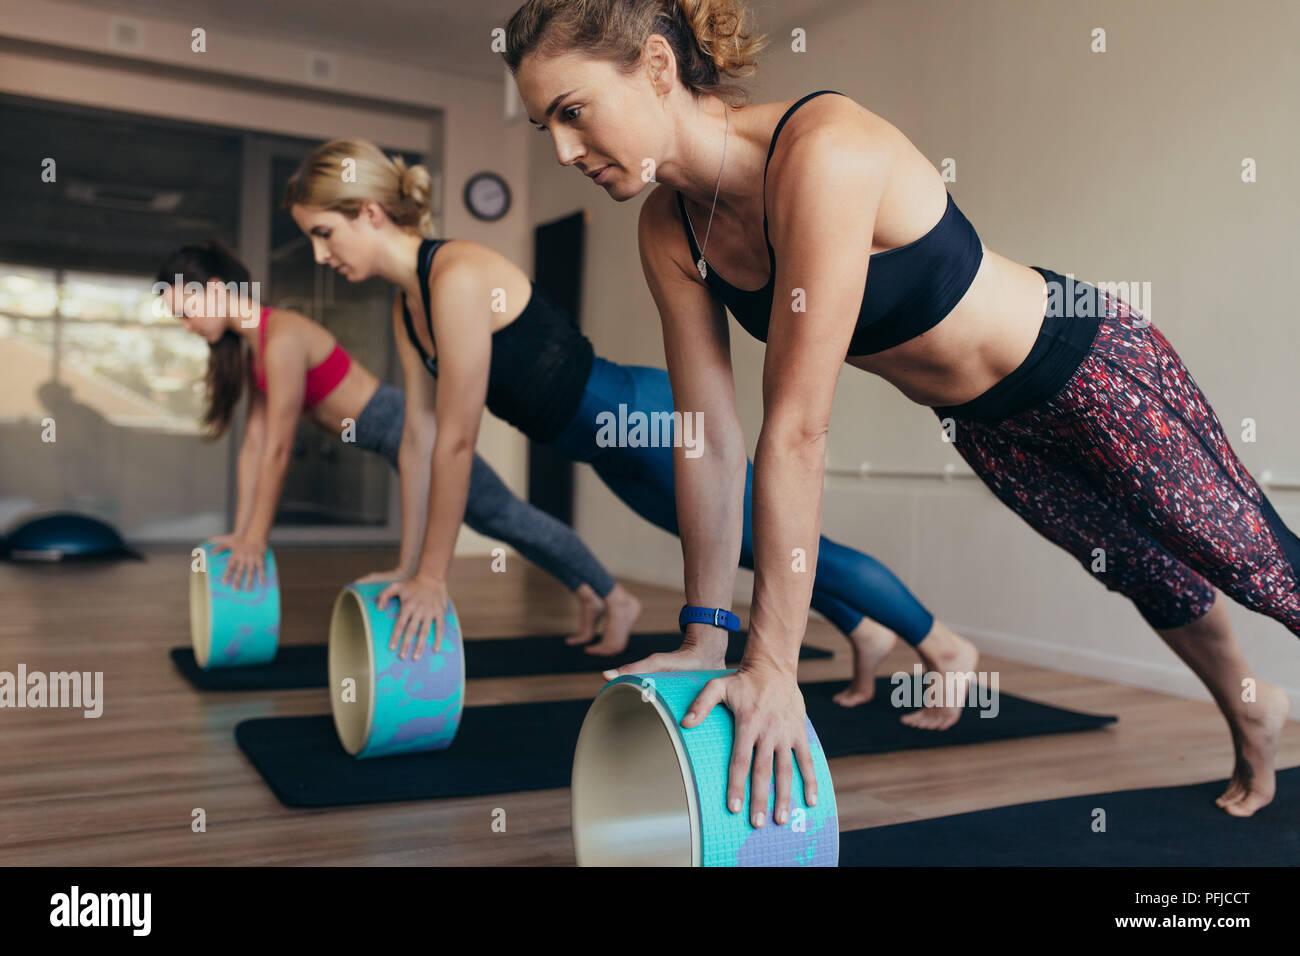 Les femmes en position de pousser vers le haut les mains au repos sur la roue d'entraînement pilates yoga faire. Trois femmes faire pilates de l'exercice dans la salle de sport. Banque D'Images